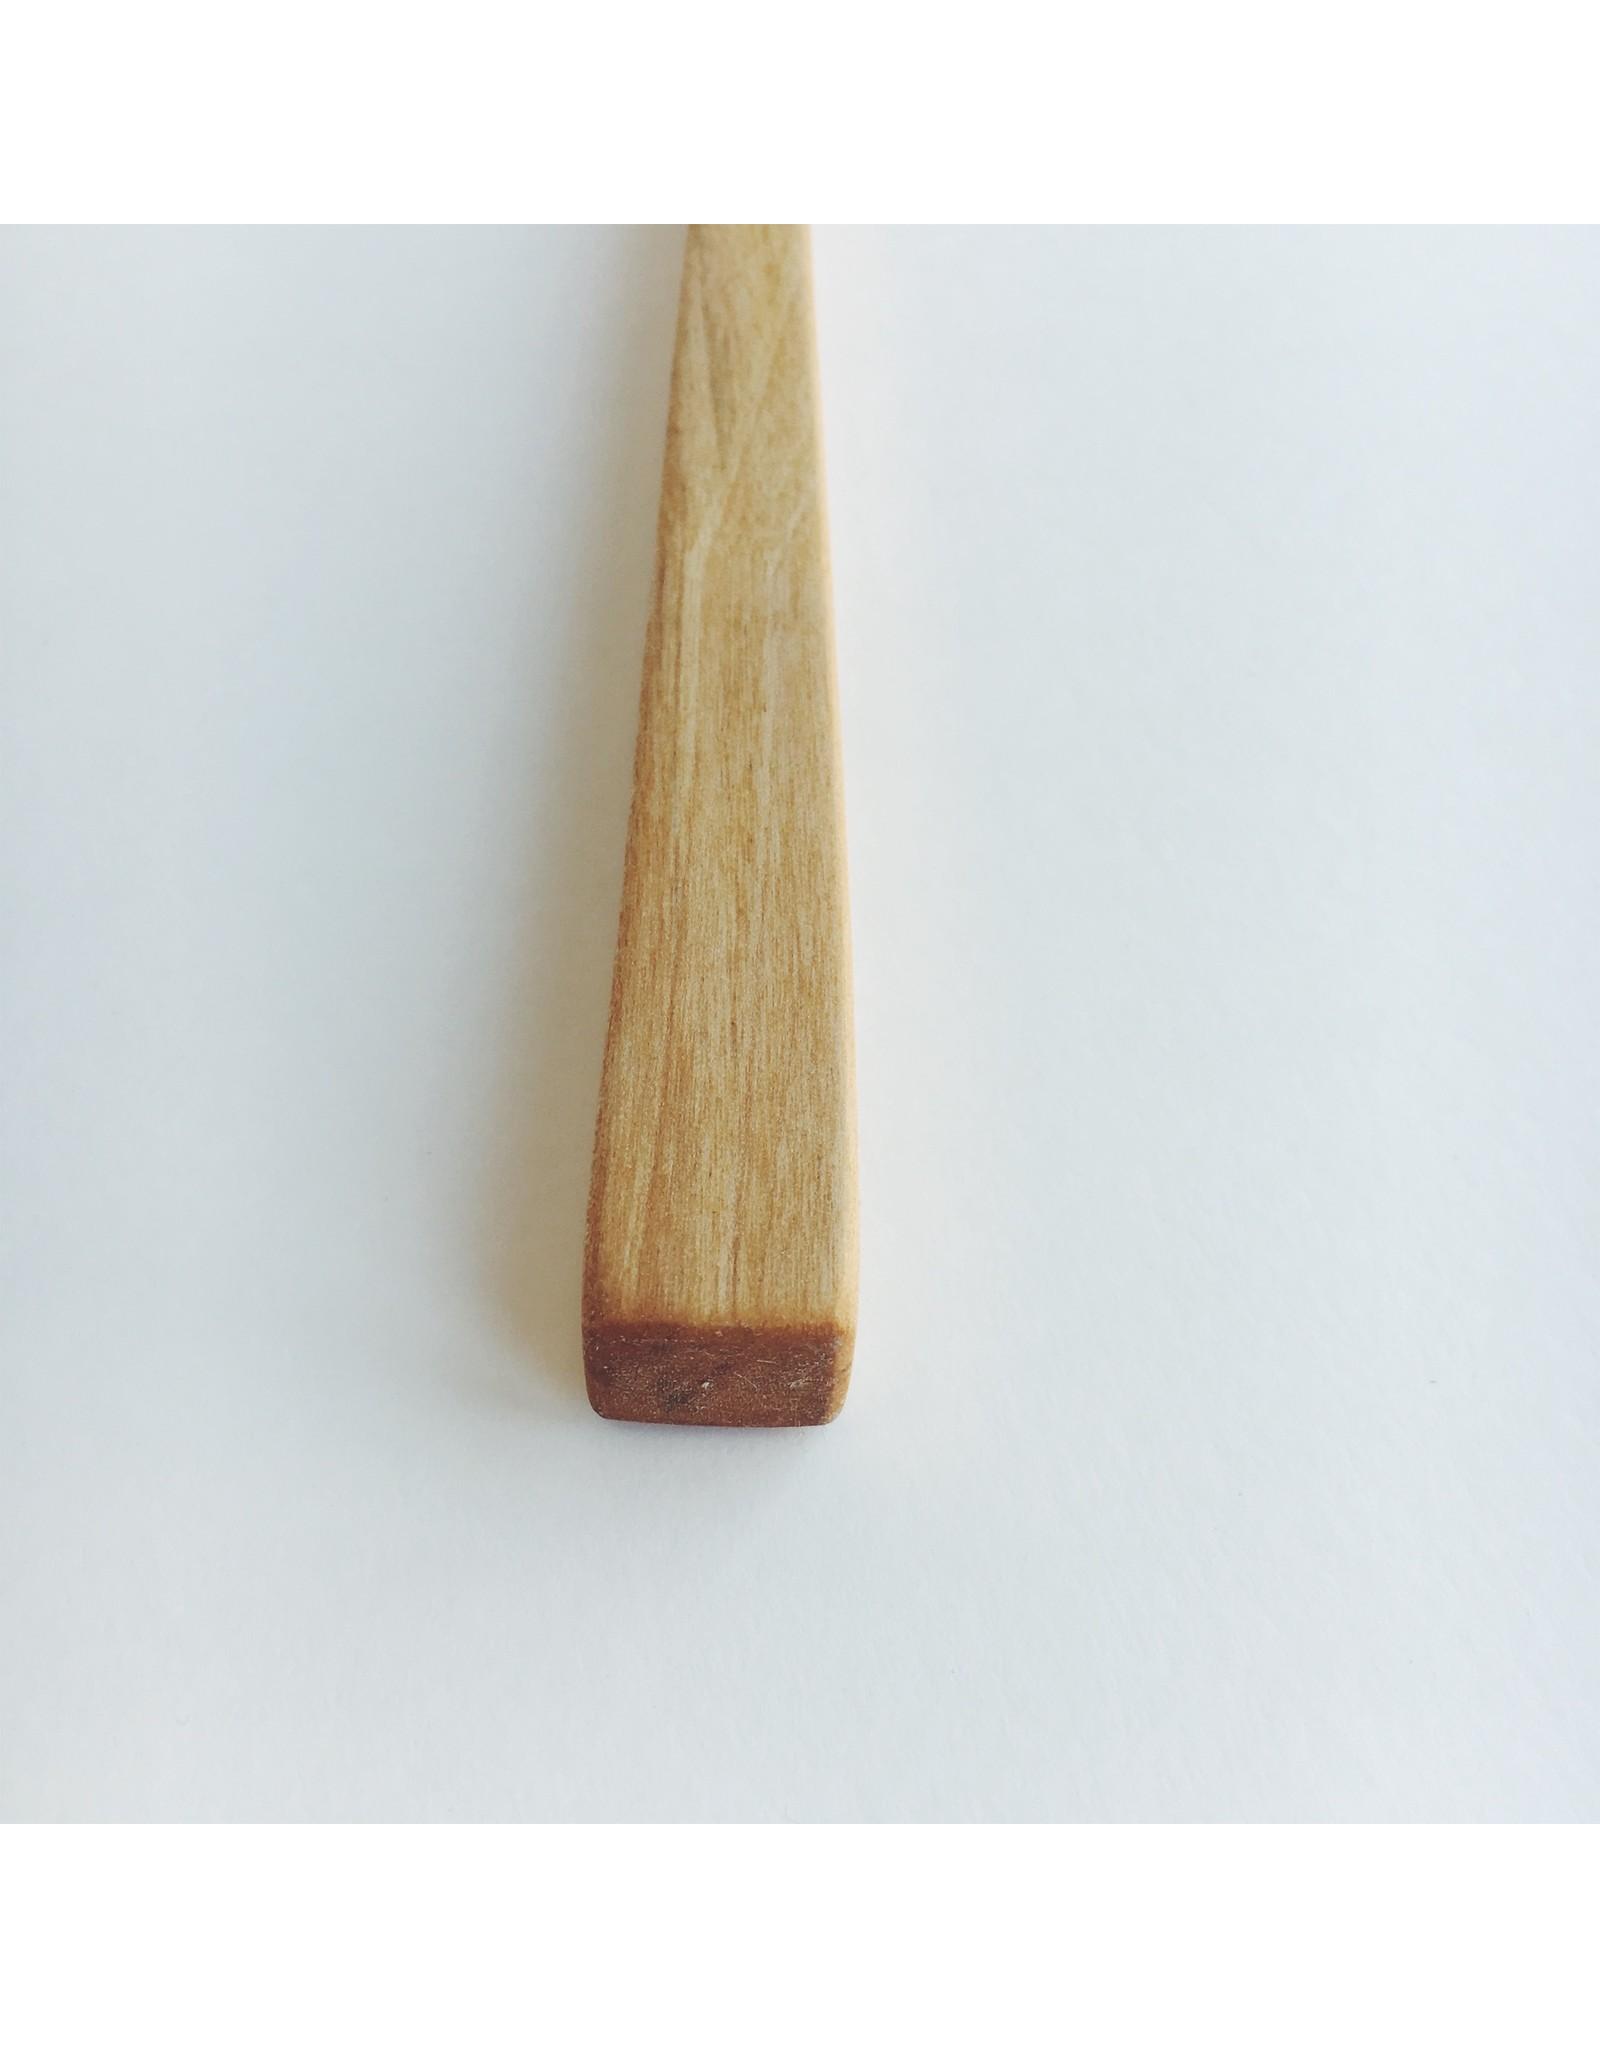 Birch Spatula - large